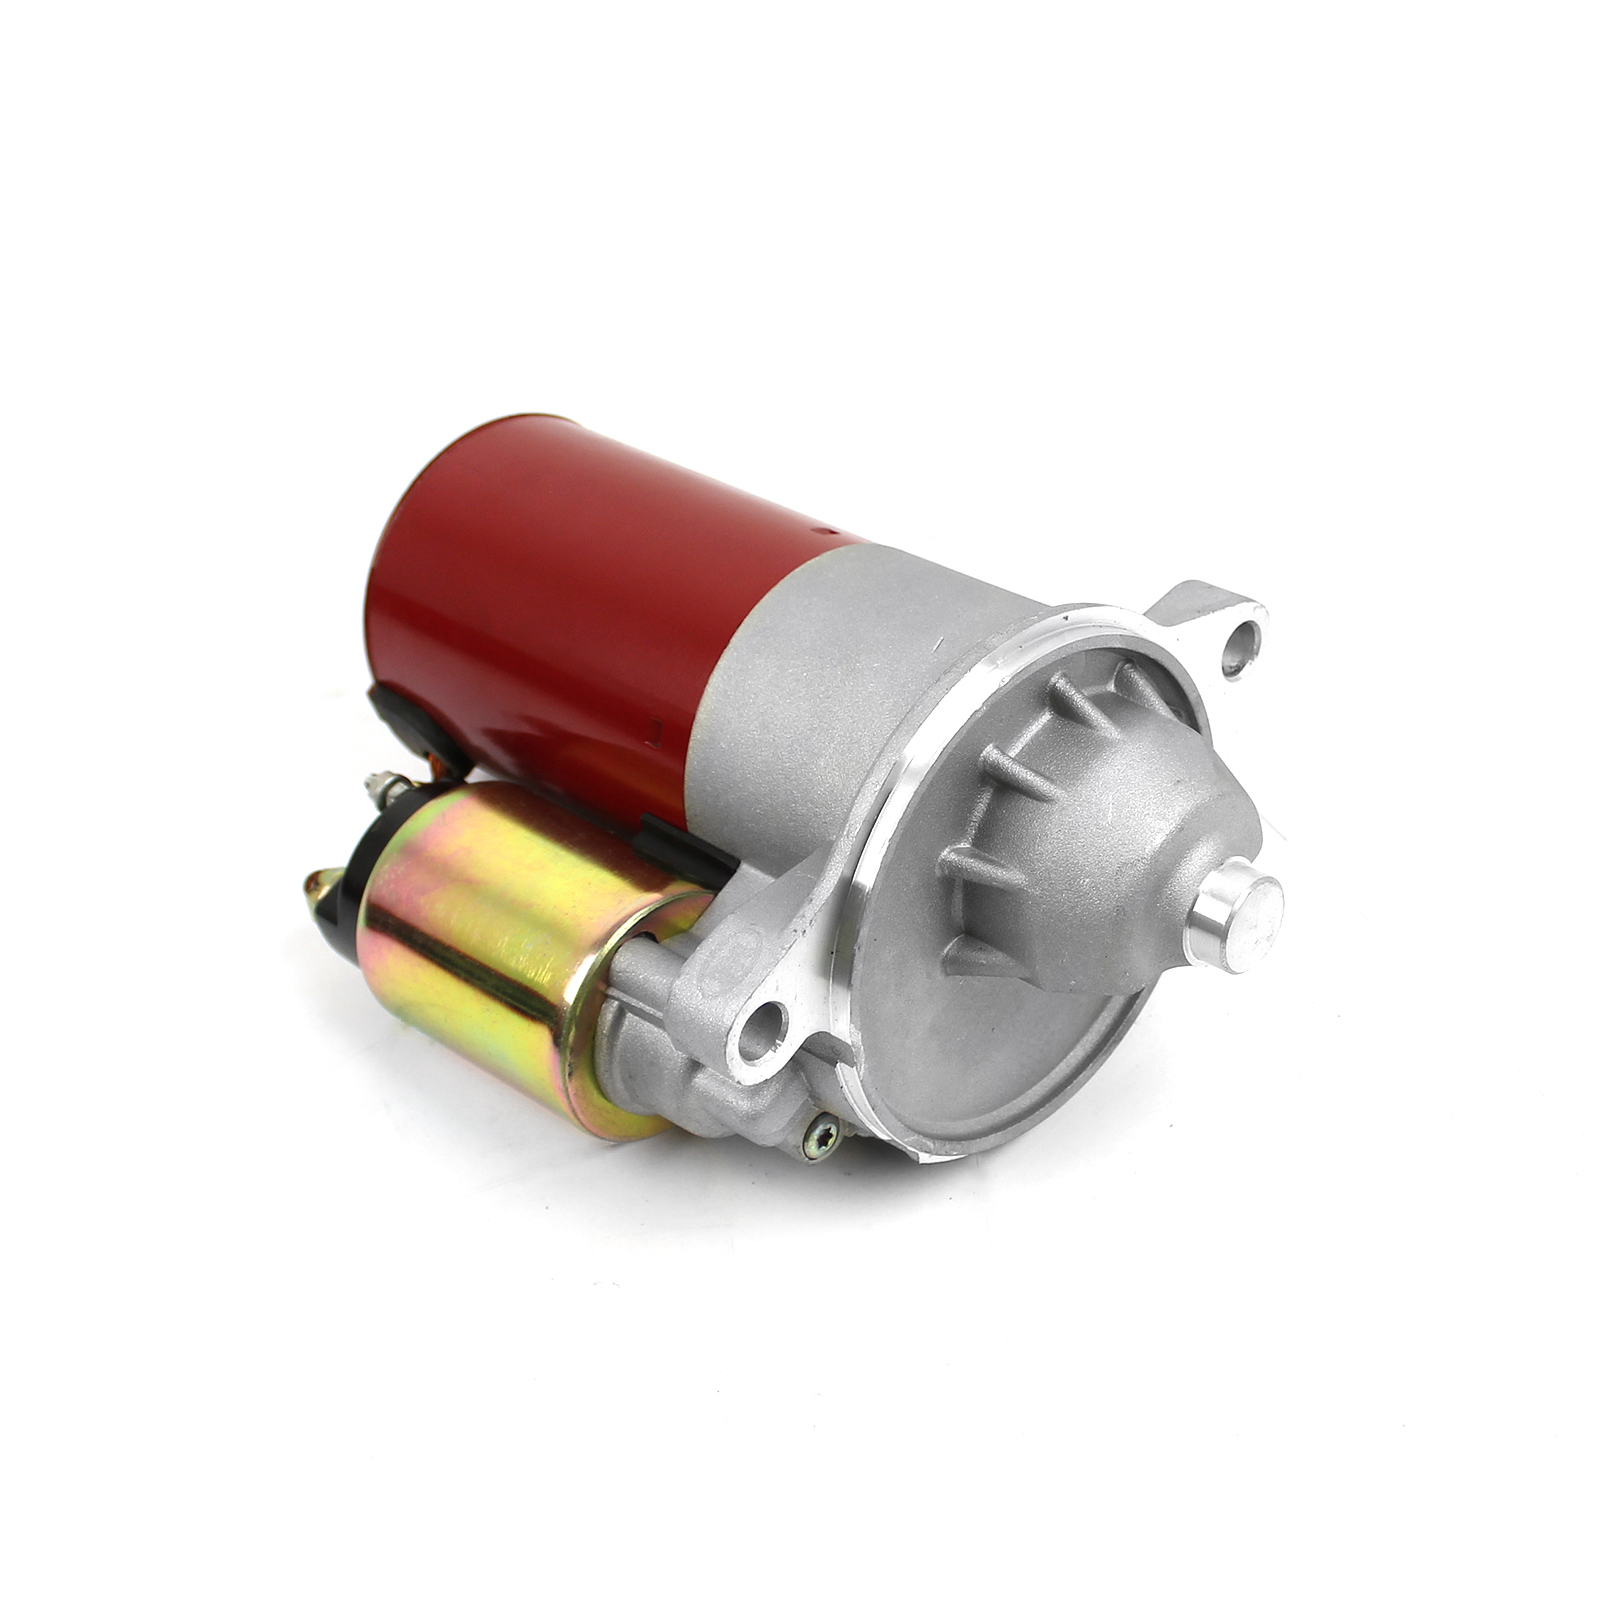 Ford SB 289 302 351 Windsor Cleveland 2 Bolt High Torque Man-Trans Starter Motor